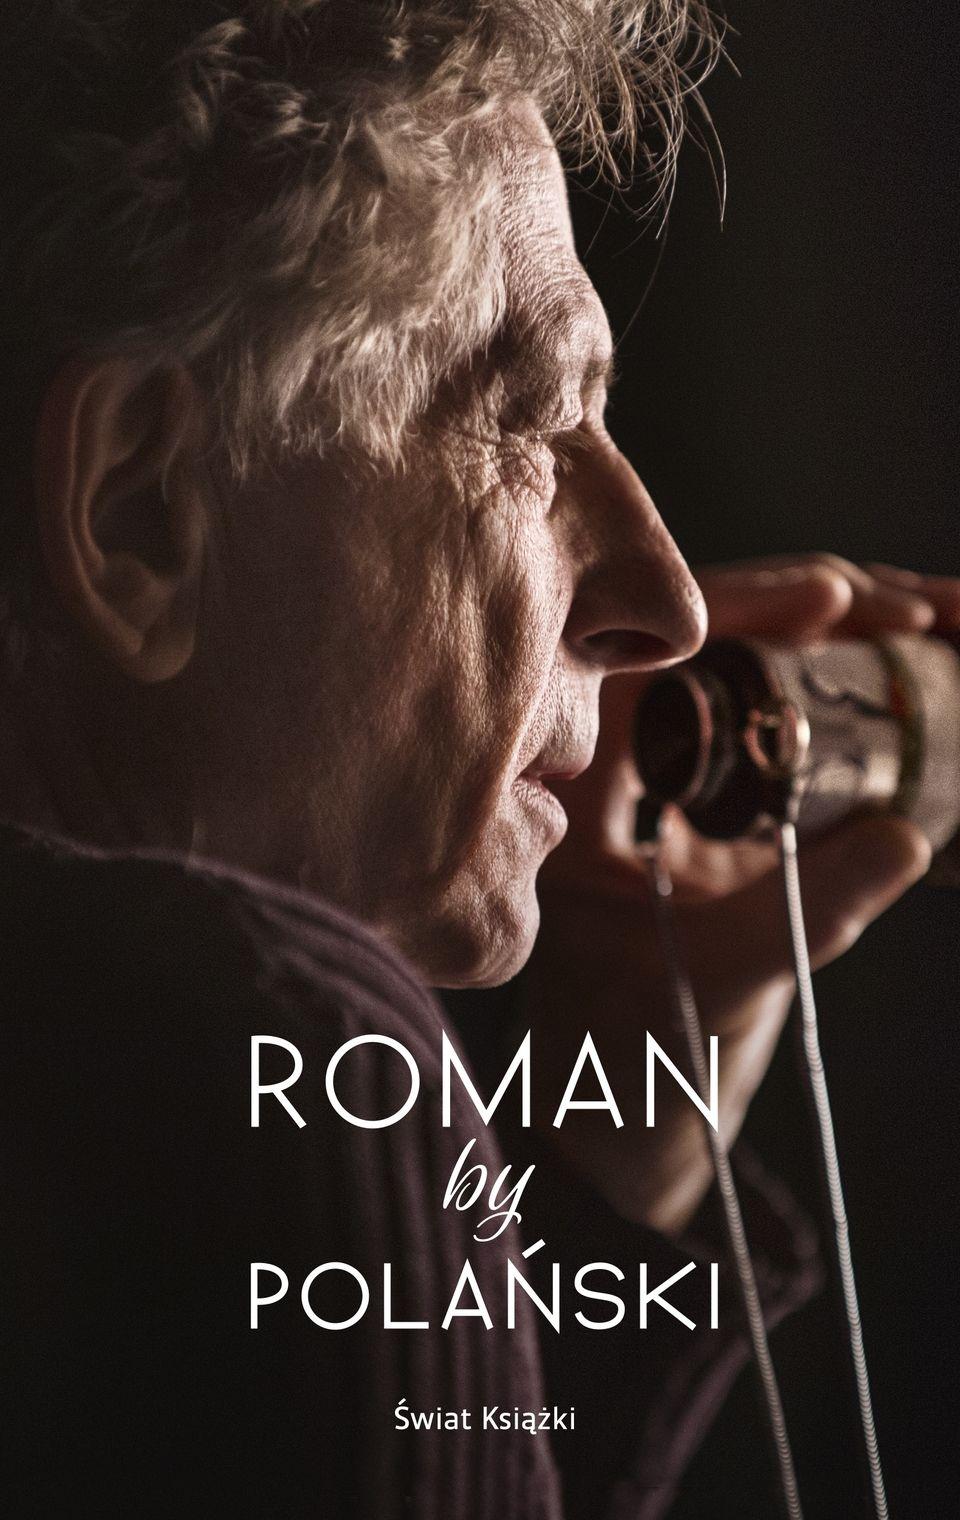 """Artykuł powstał w oparciu o książkę """"Roman by Polański"""". (Wydawnictwo Świat Książki 2017)."""